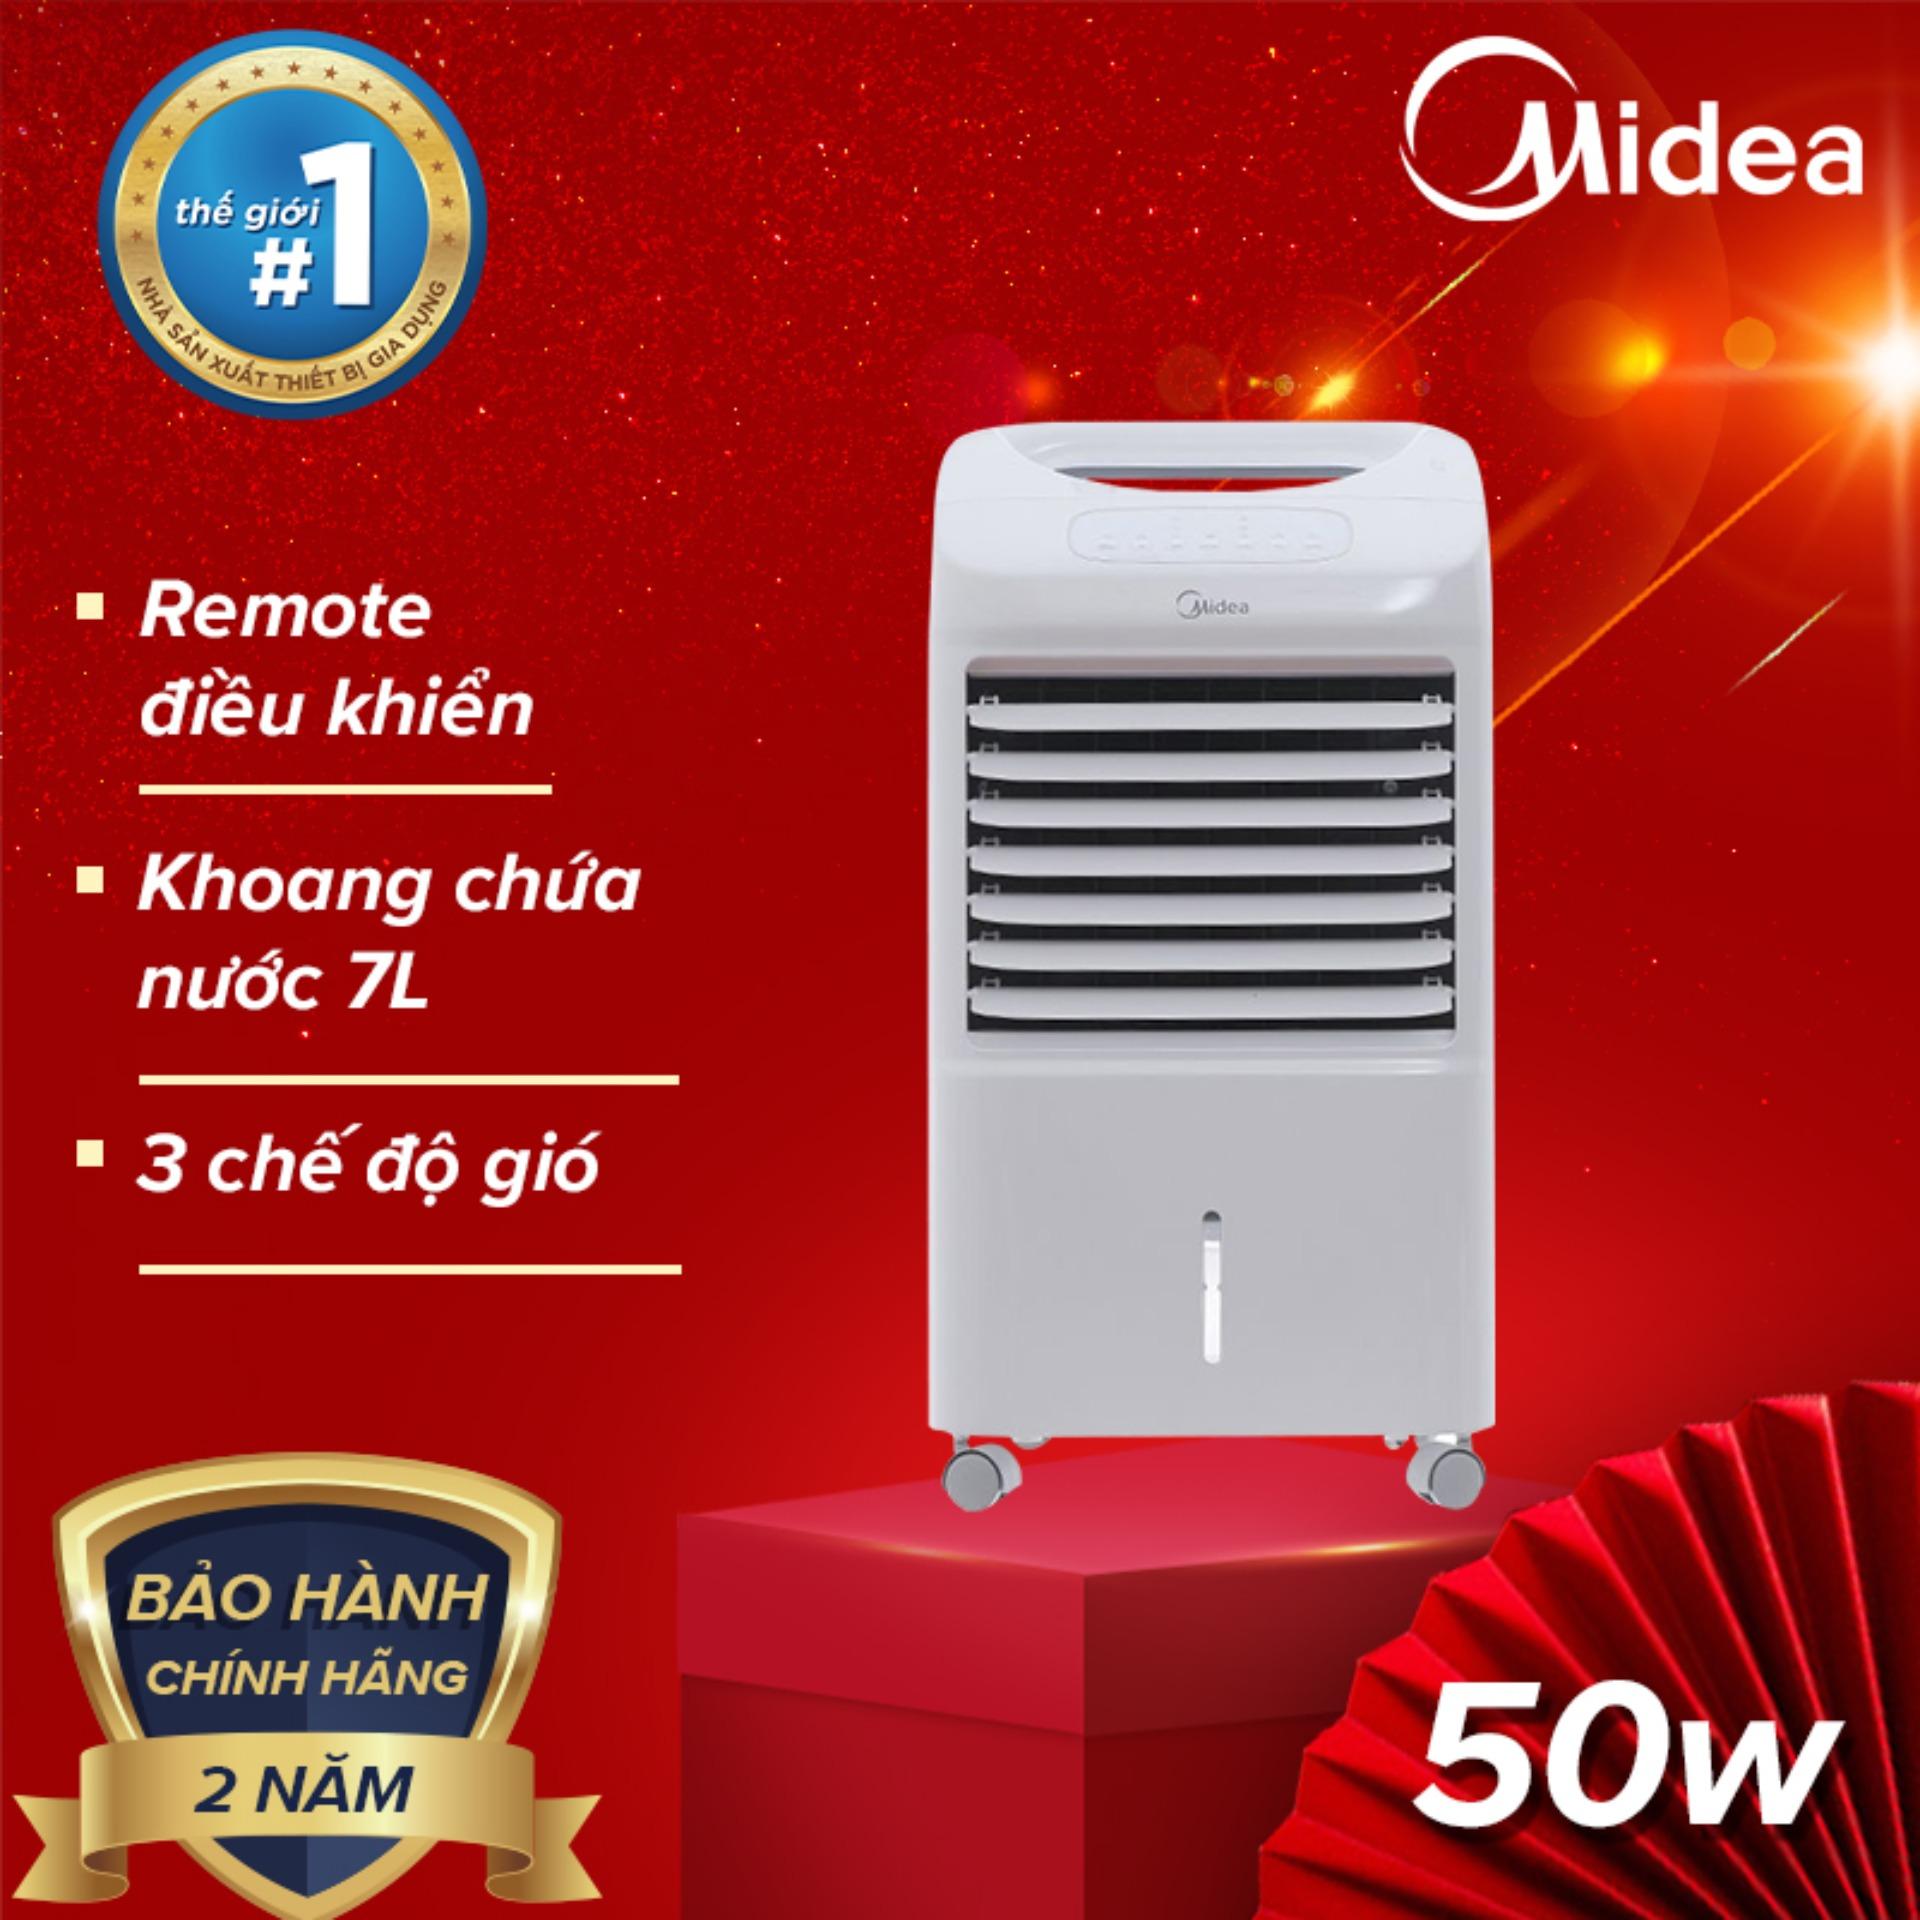 Bảng giá Quạt điều hòa hẹn giờ điều khiển từ xa MIDEA AC100-U (đa chức năng, 50W dung tích 7L) Tự động tắt bơm khi hết nước - Hàng chính hãng bảo hành 2 năm